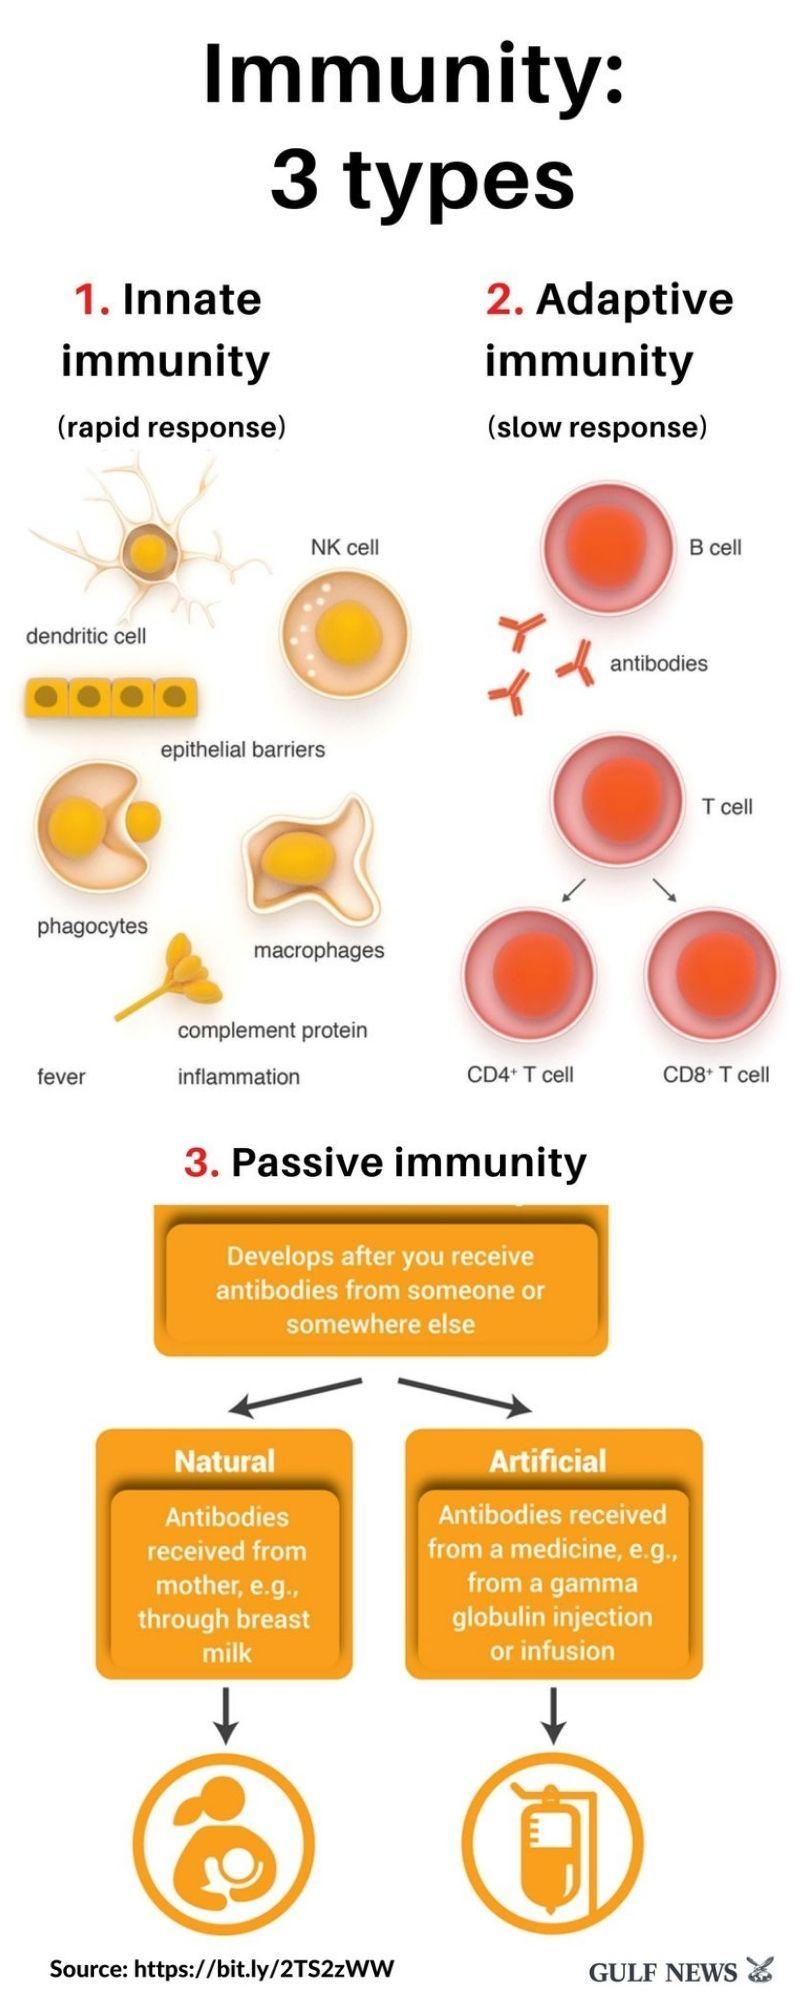 Immunity 3 types